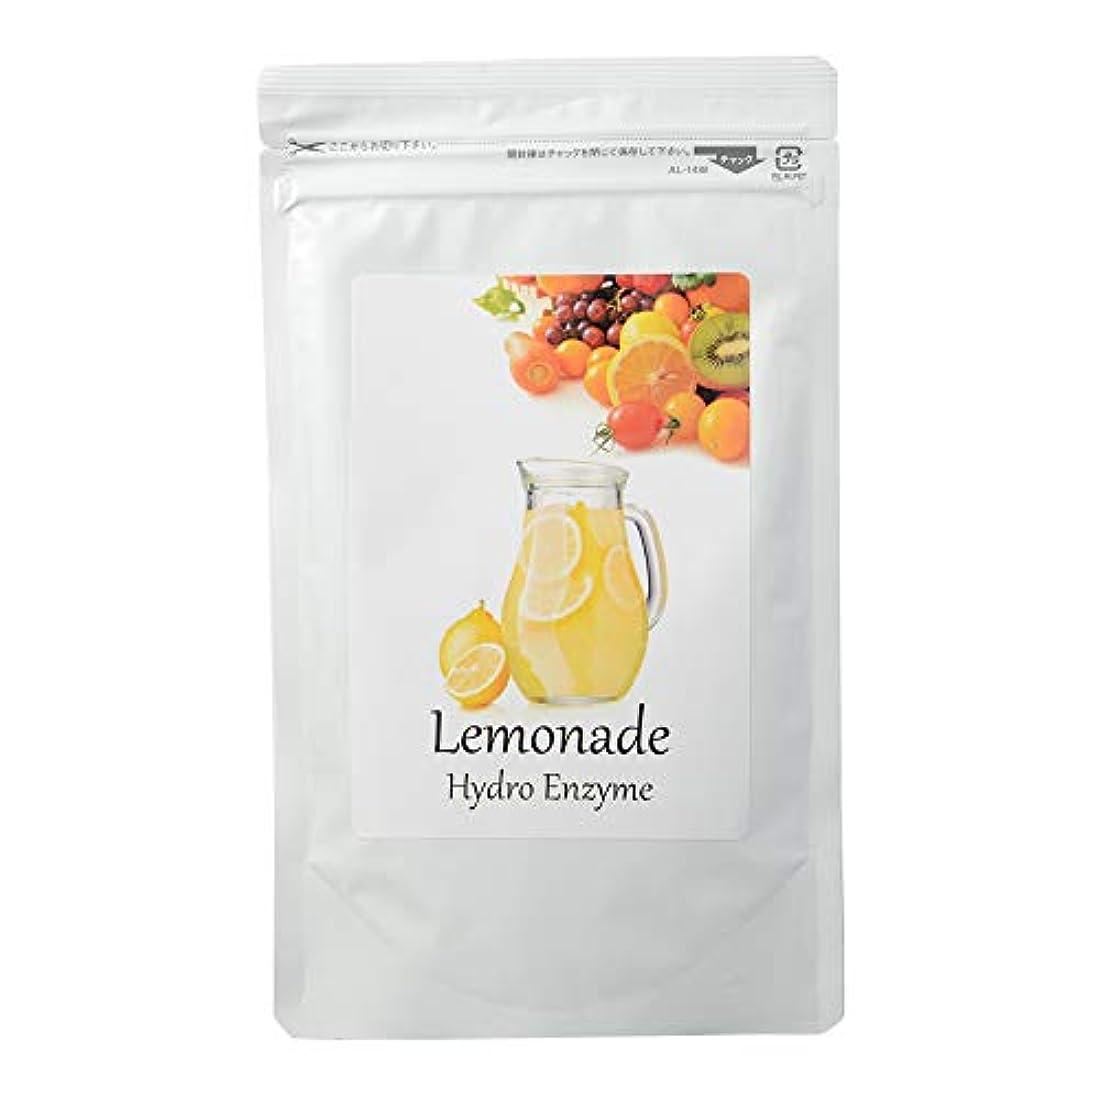 ハイキングに行くリダクターランチLemonade Hydro Enzyme (ダイエット ドリンク) レモネード 水素エンザイムダイエット 健康飲料 専用スプーン付 [内容量150g /説明書付き]